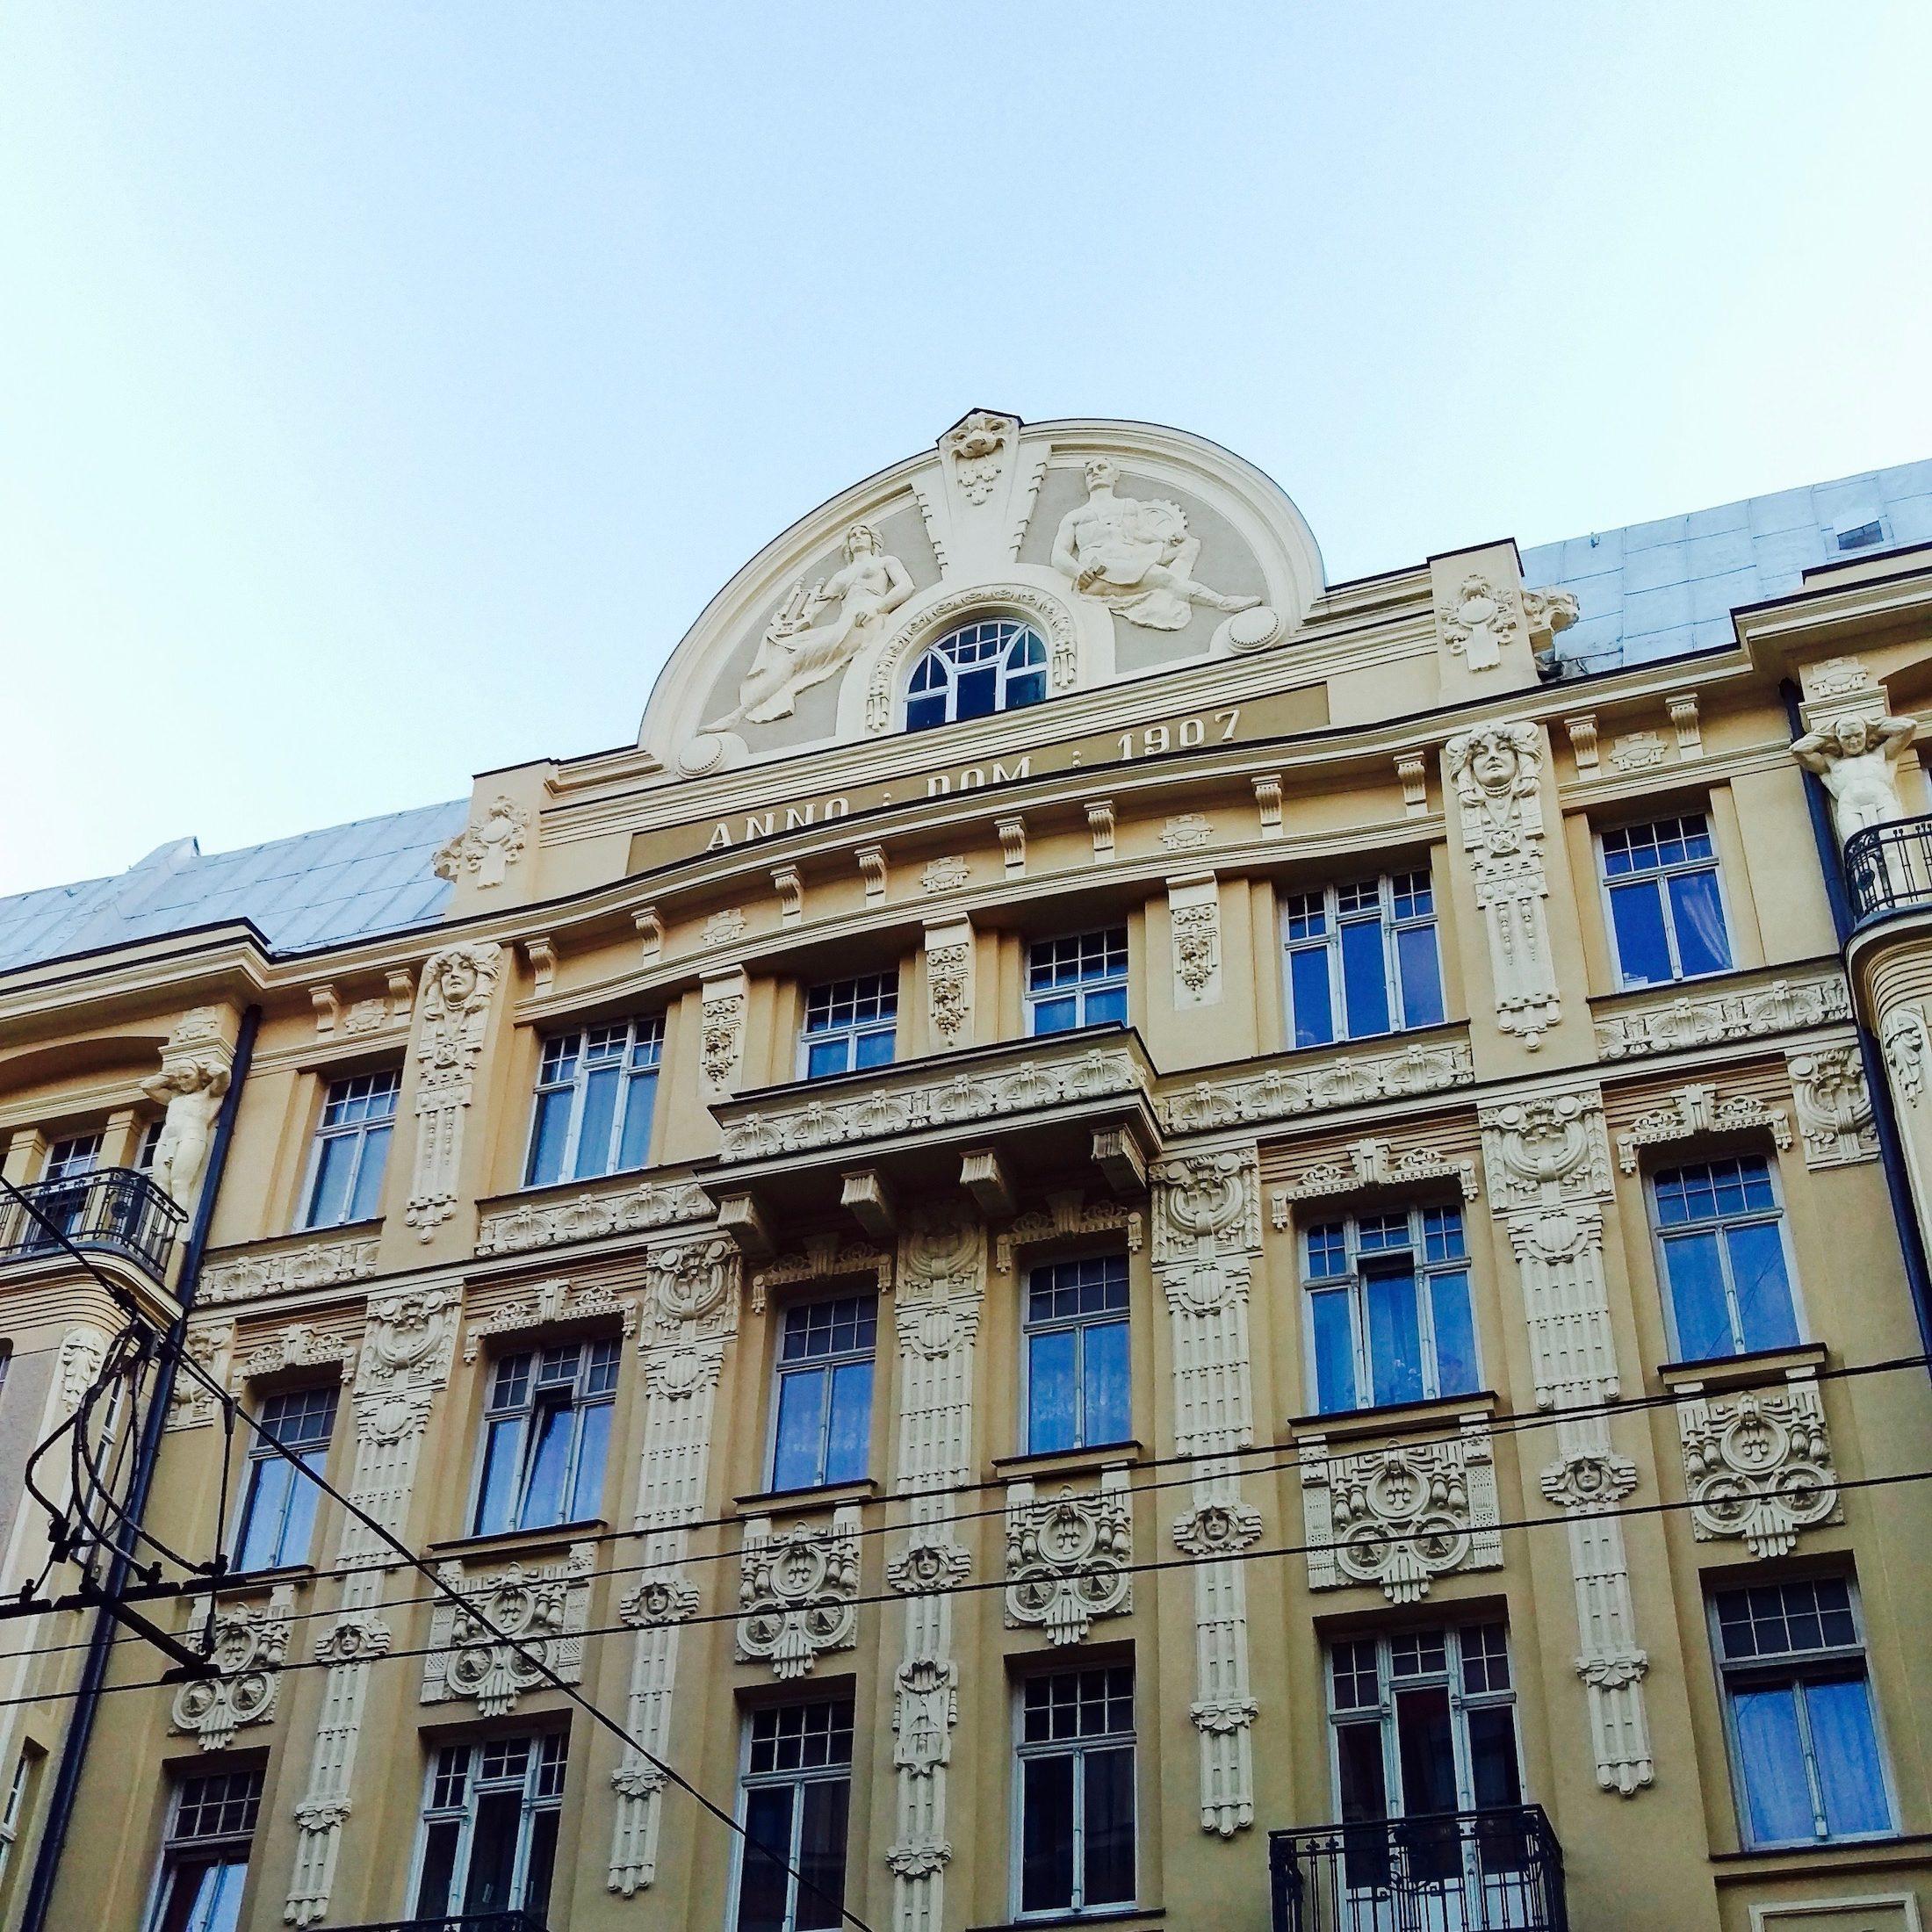 avoti-neighborhood-architecture